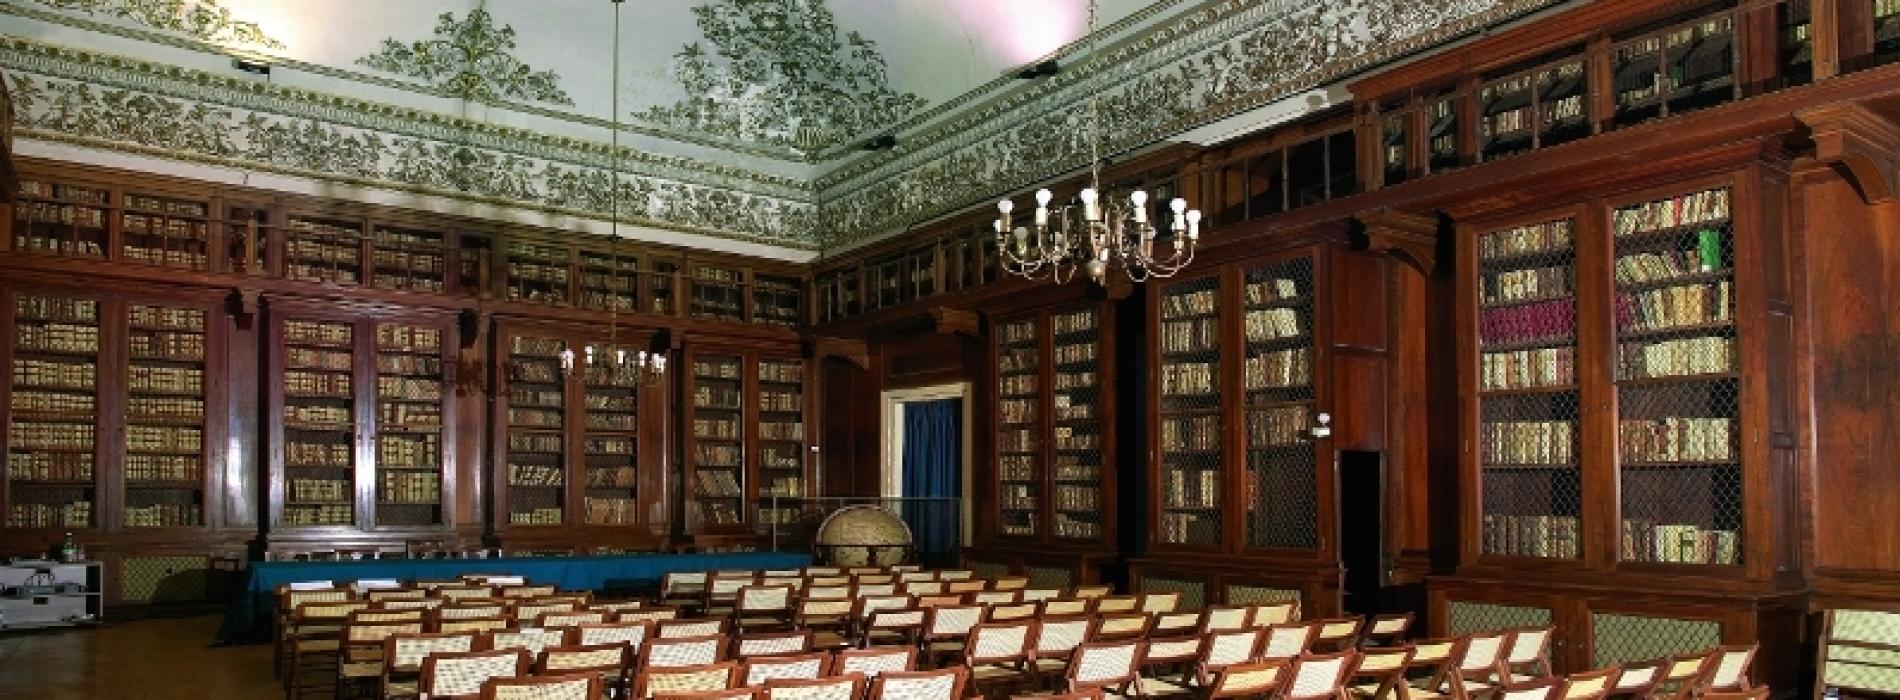 Biblioteca Nazionale di Napoli, quel patrimonio immenso